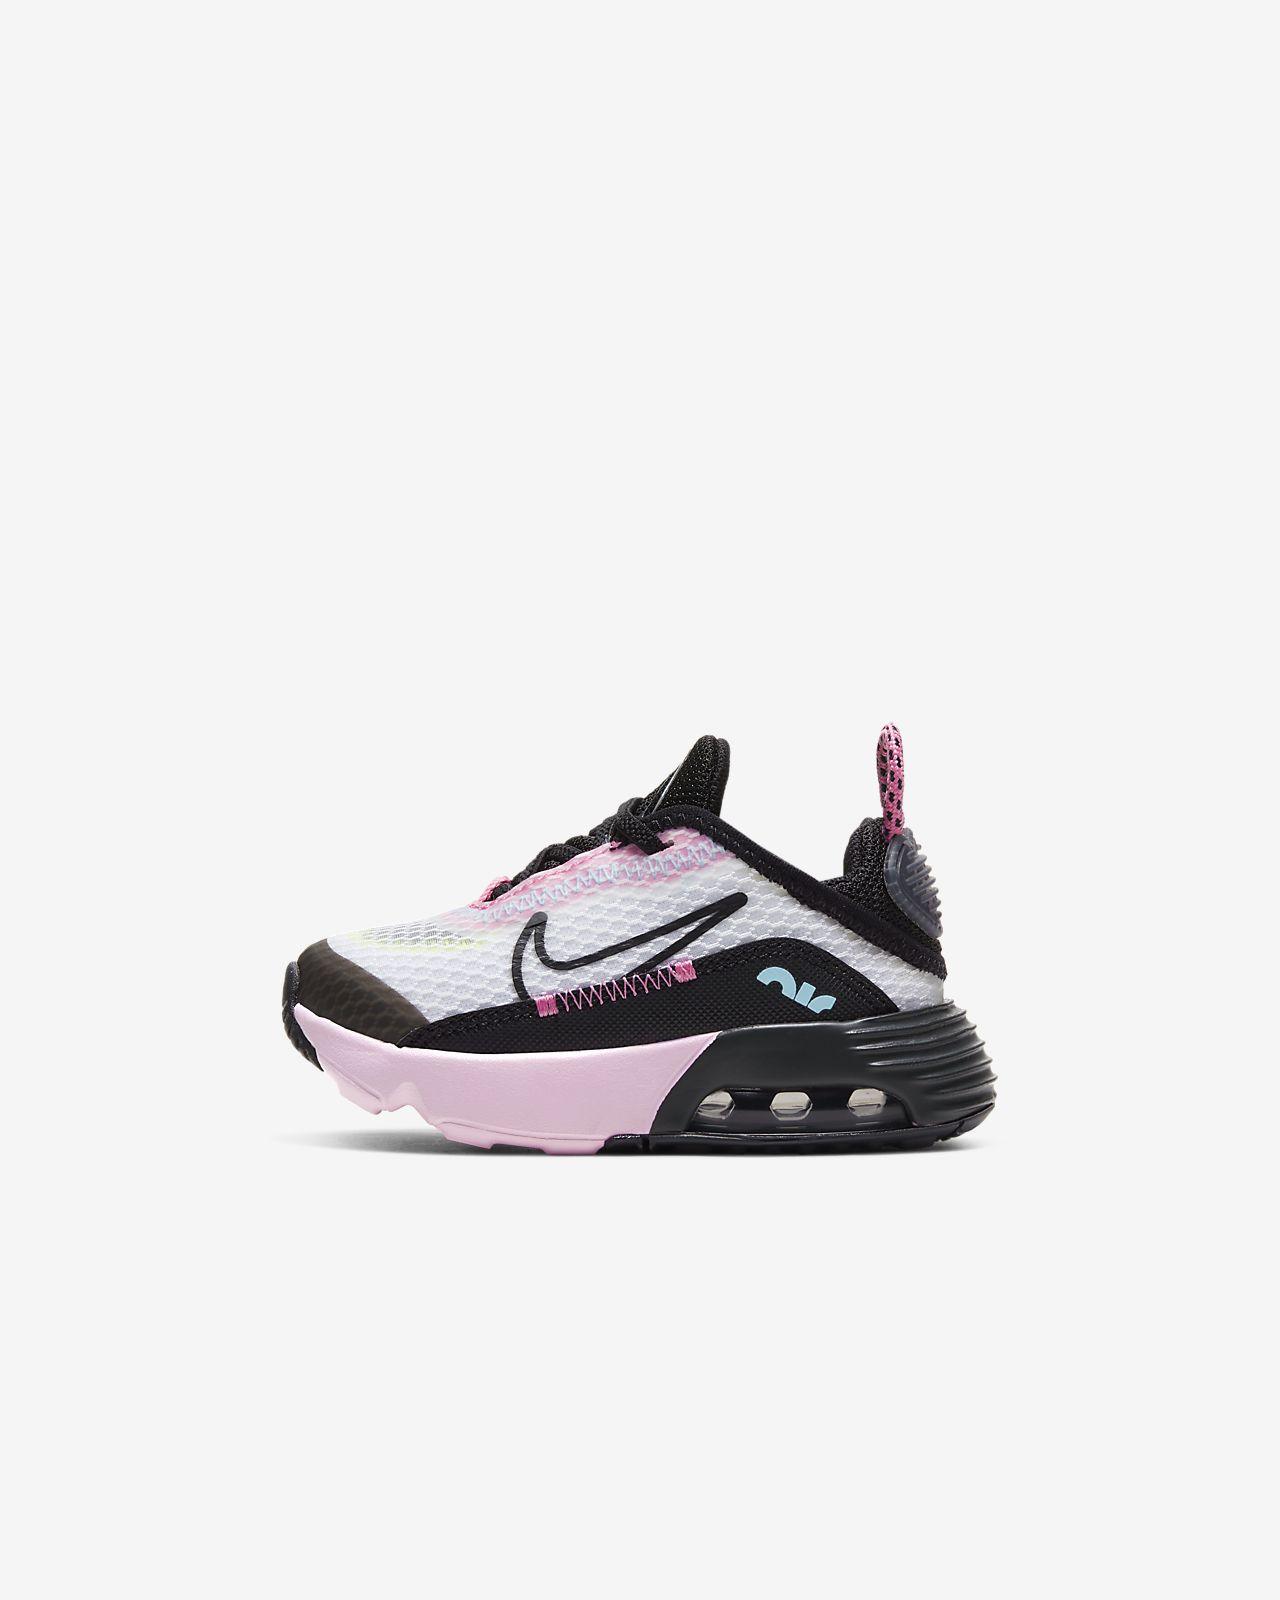 รองเท้าทารก/เด็กวัยหัดเดิน Nike Air Max 2090